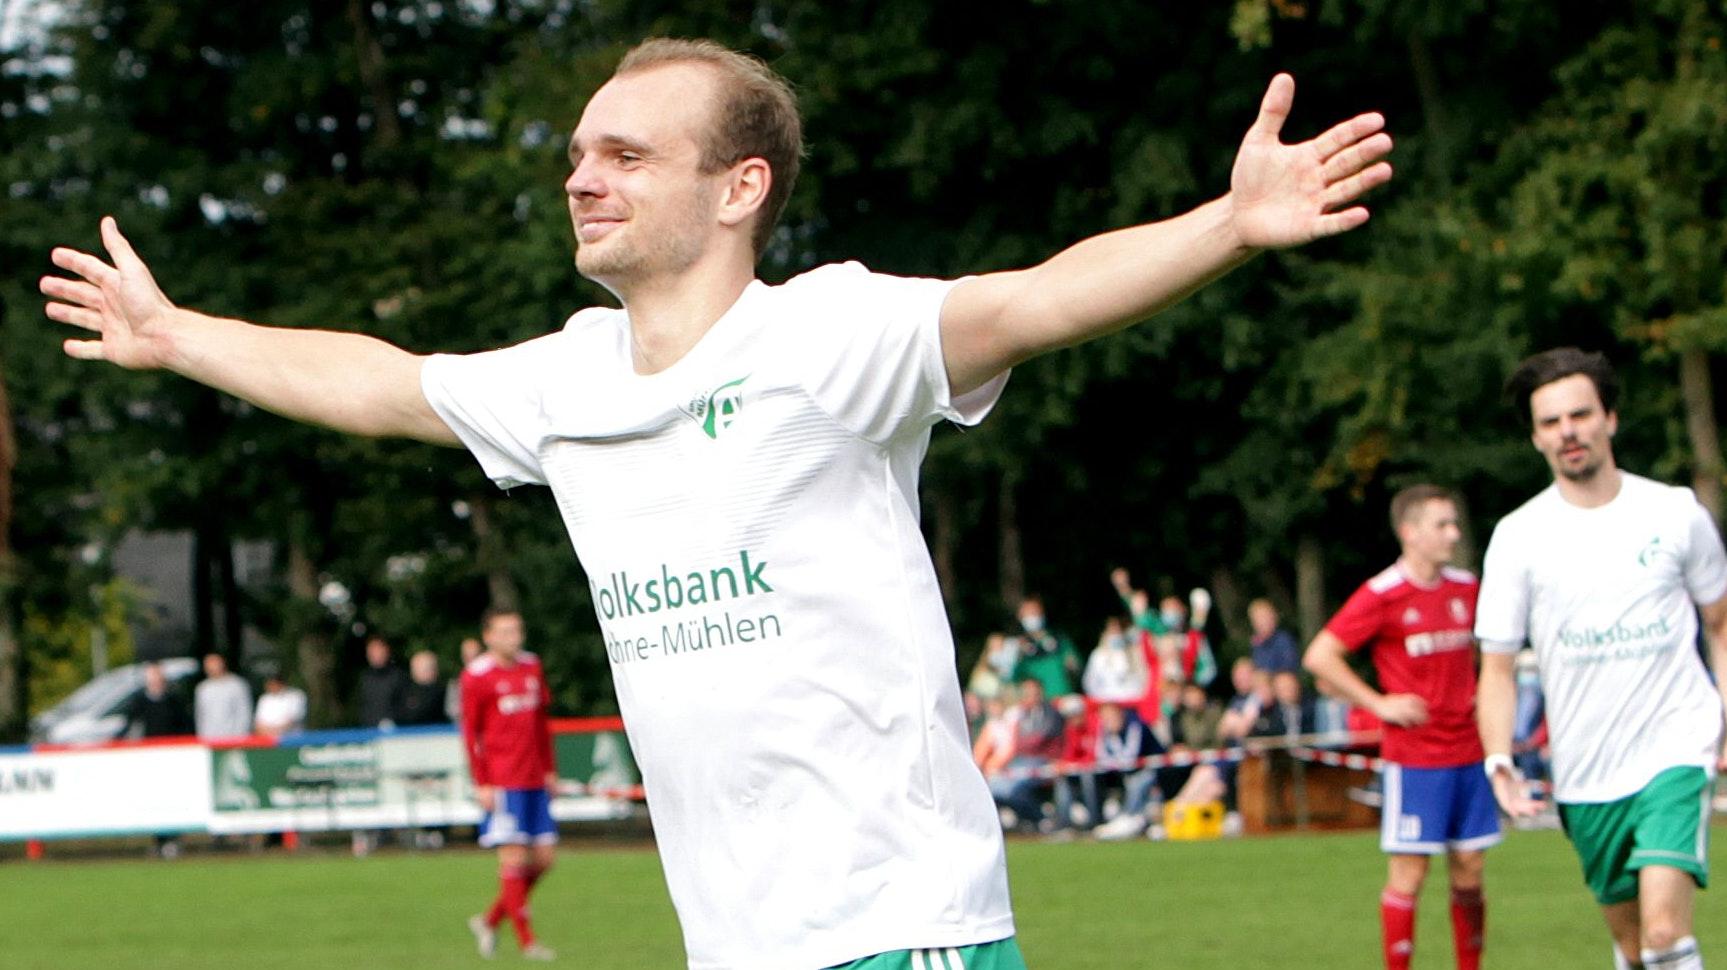 Jubel im Jahnstadion: Der Mühlener Hubertus Blömer nach seinem Tor zum 3:1 am vergangenen Sonntag. Foto: Schikora